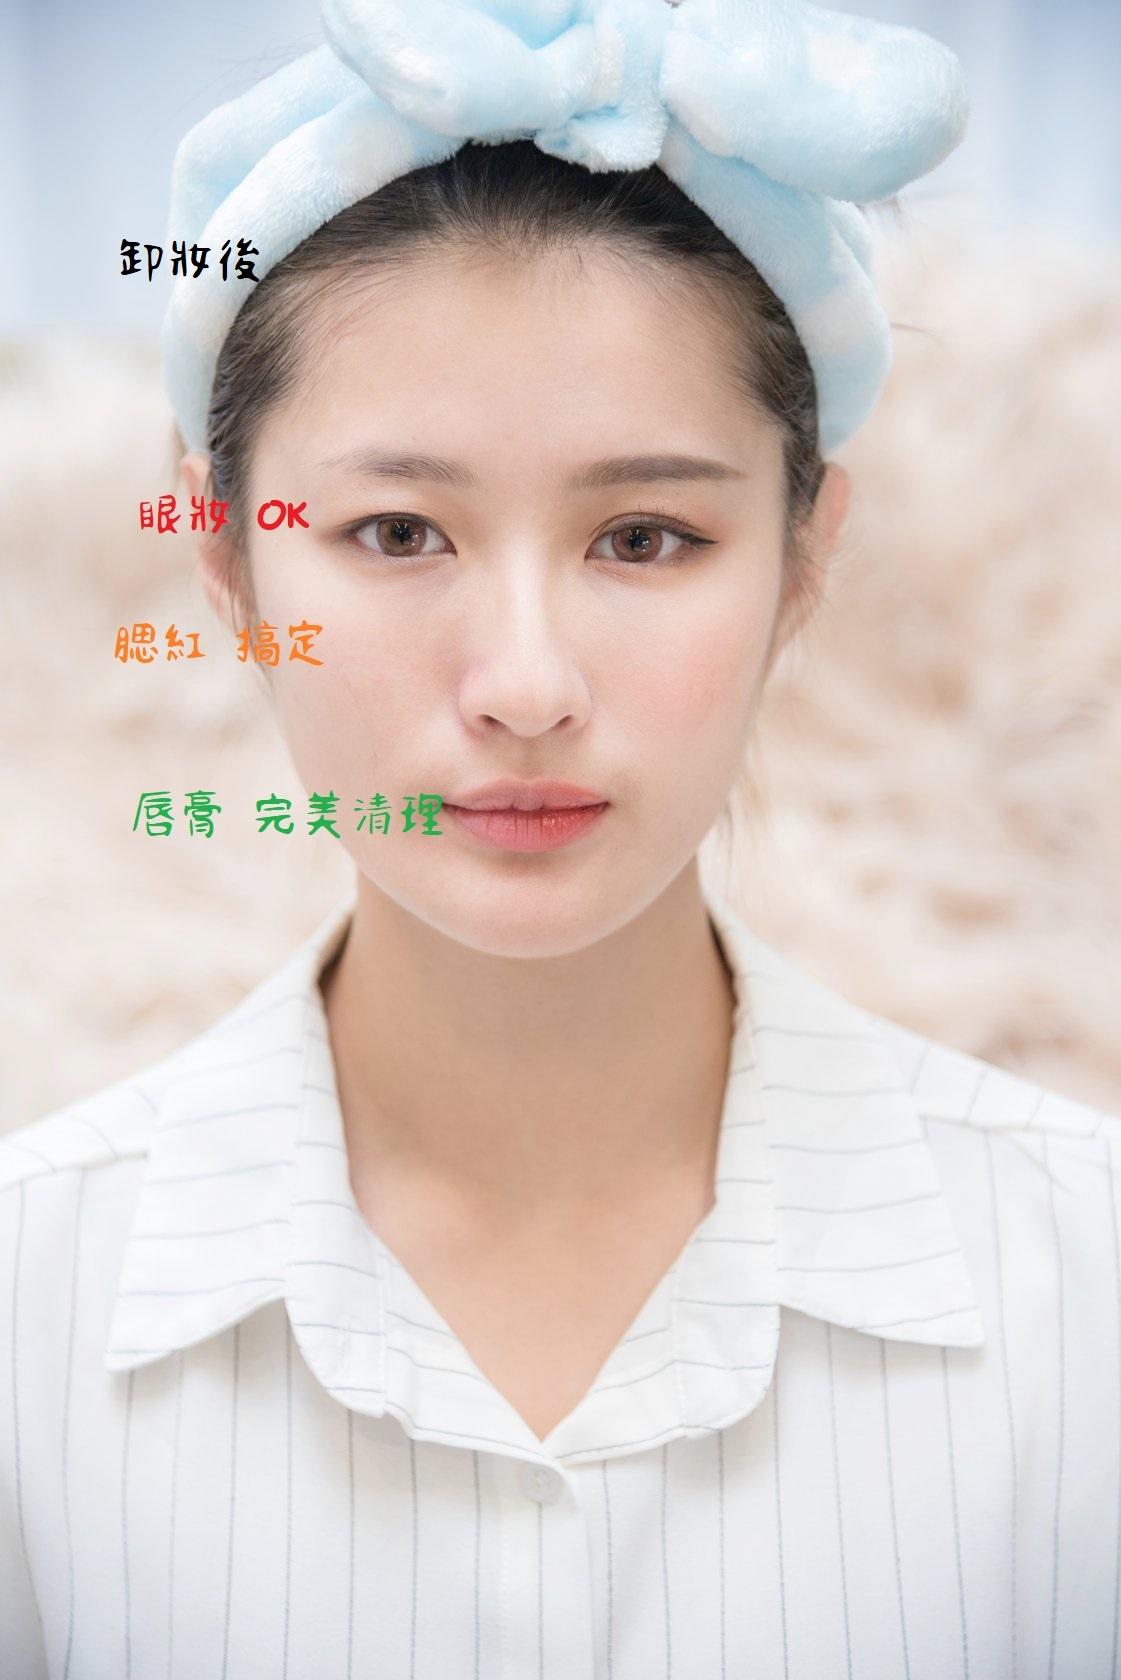 愛閃耀保養品 Yumi體驗心得 專業麻豆必備洗卸產品